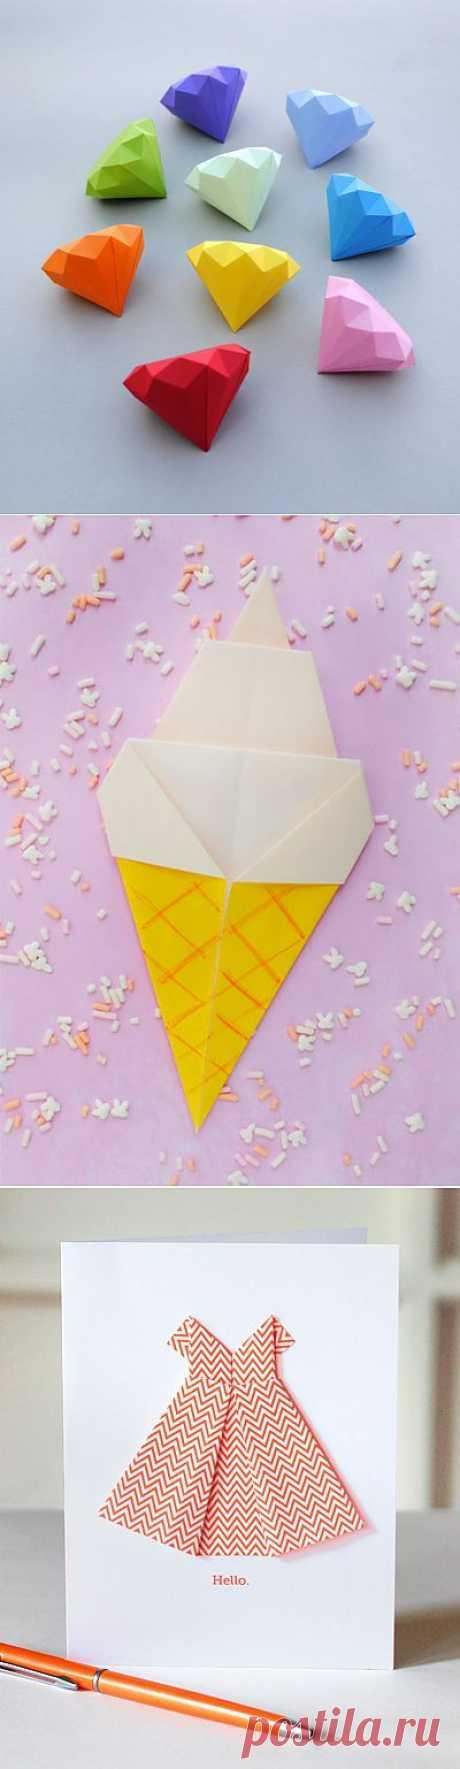 Интересный сайт, с множеством моделей оригами